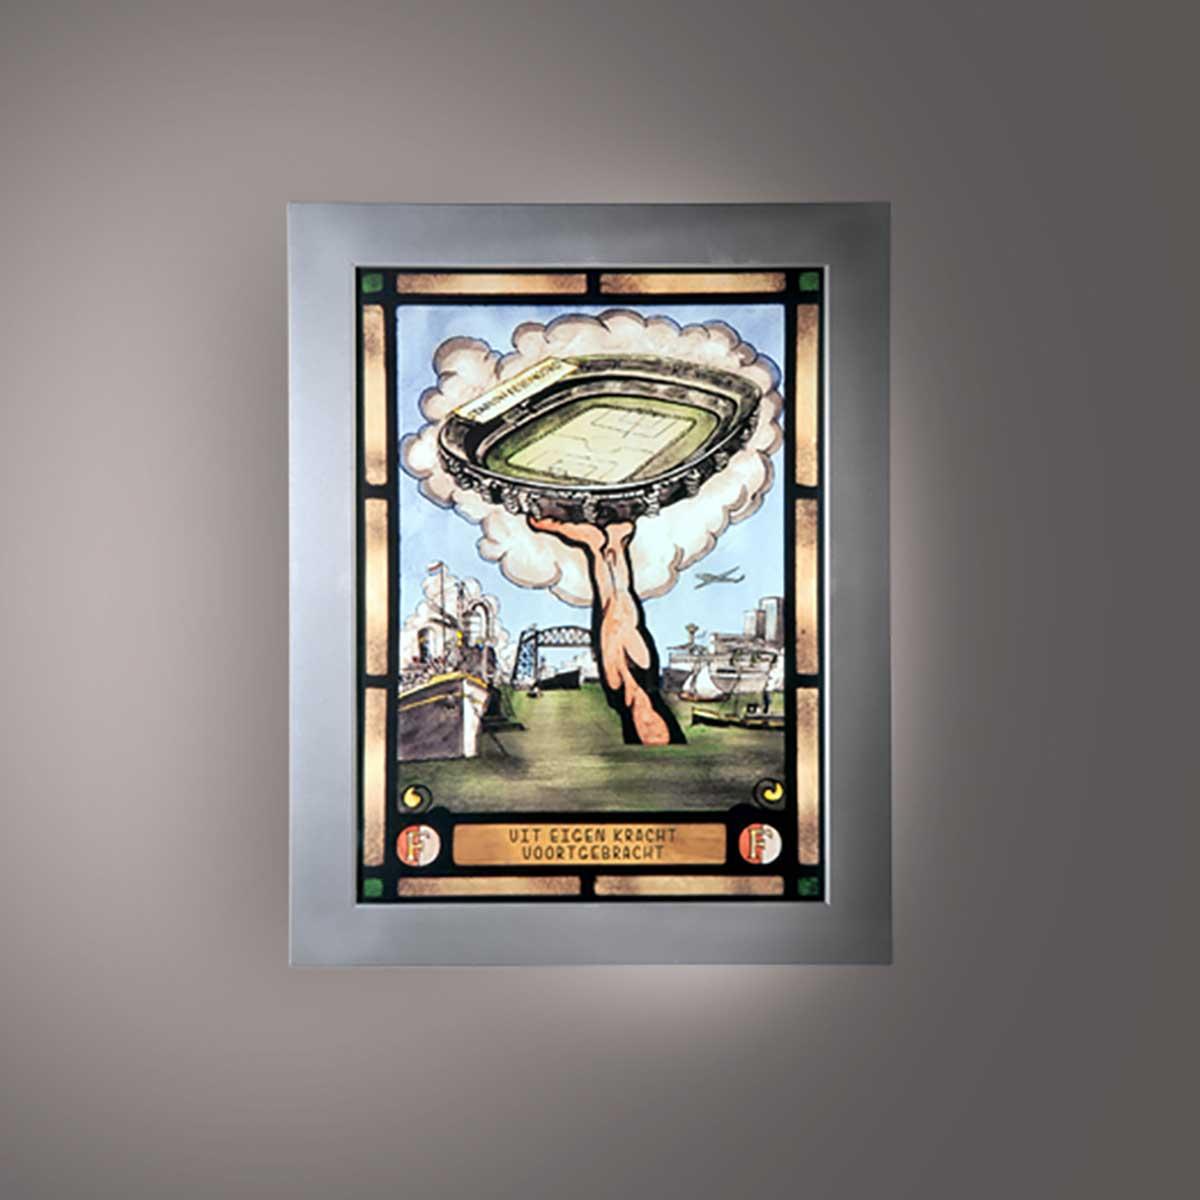 Schilderij Met Eigen Foto.Led Feyenoord Schilderij Uit Eigen Kracht Voortgebracht Stadion